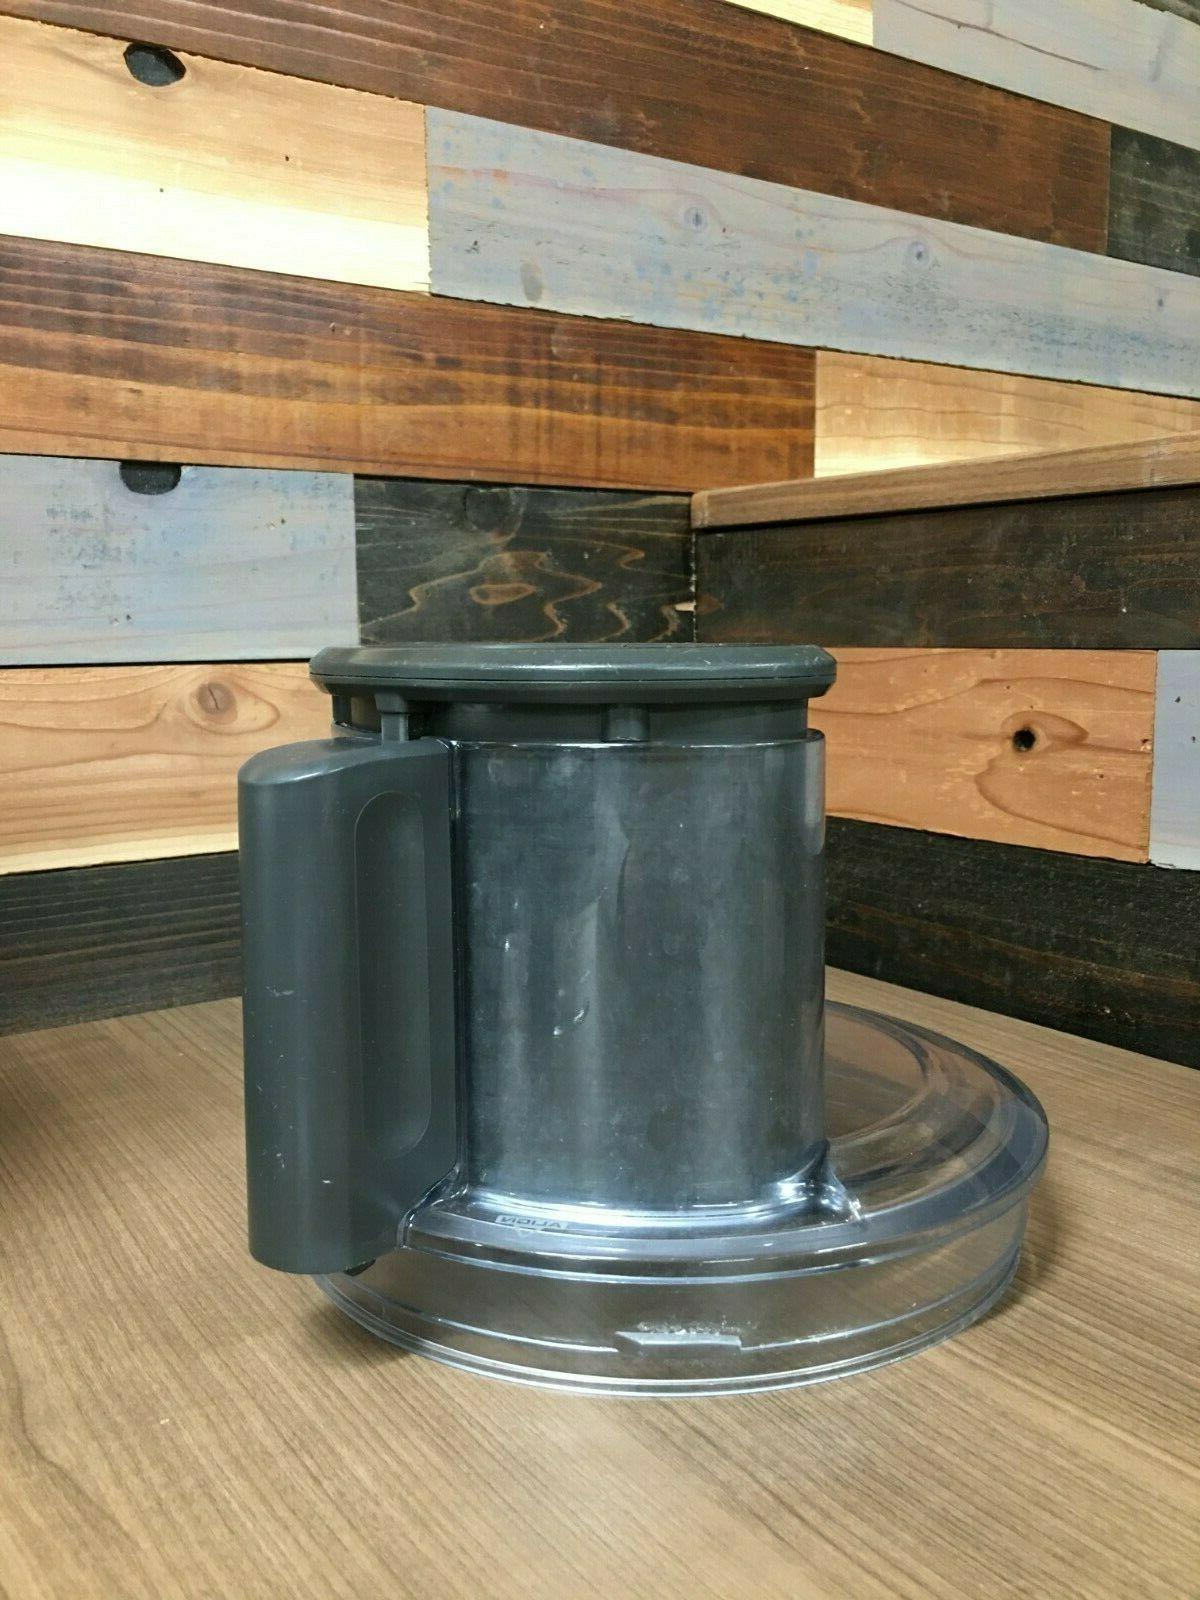 Breville BFP800XL Food 16 Cup Sous Chef Pro Black